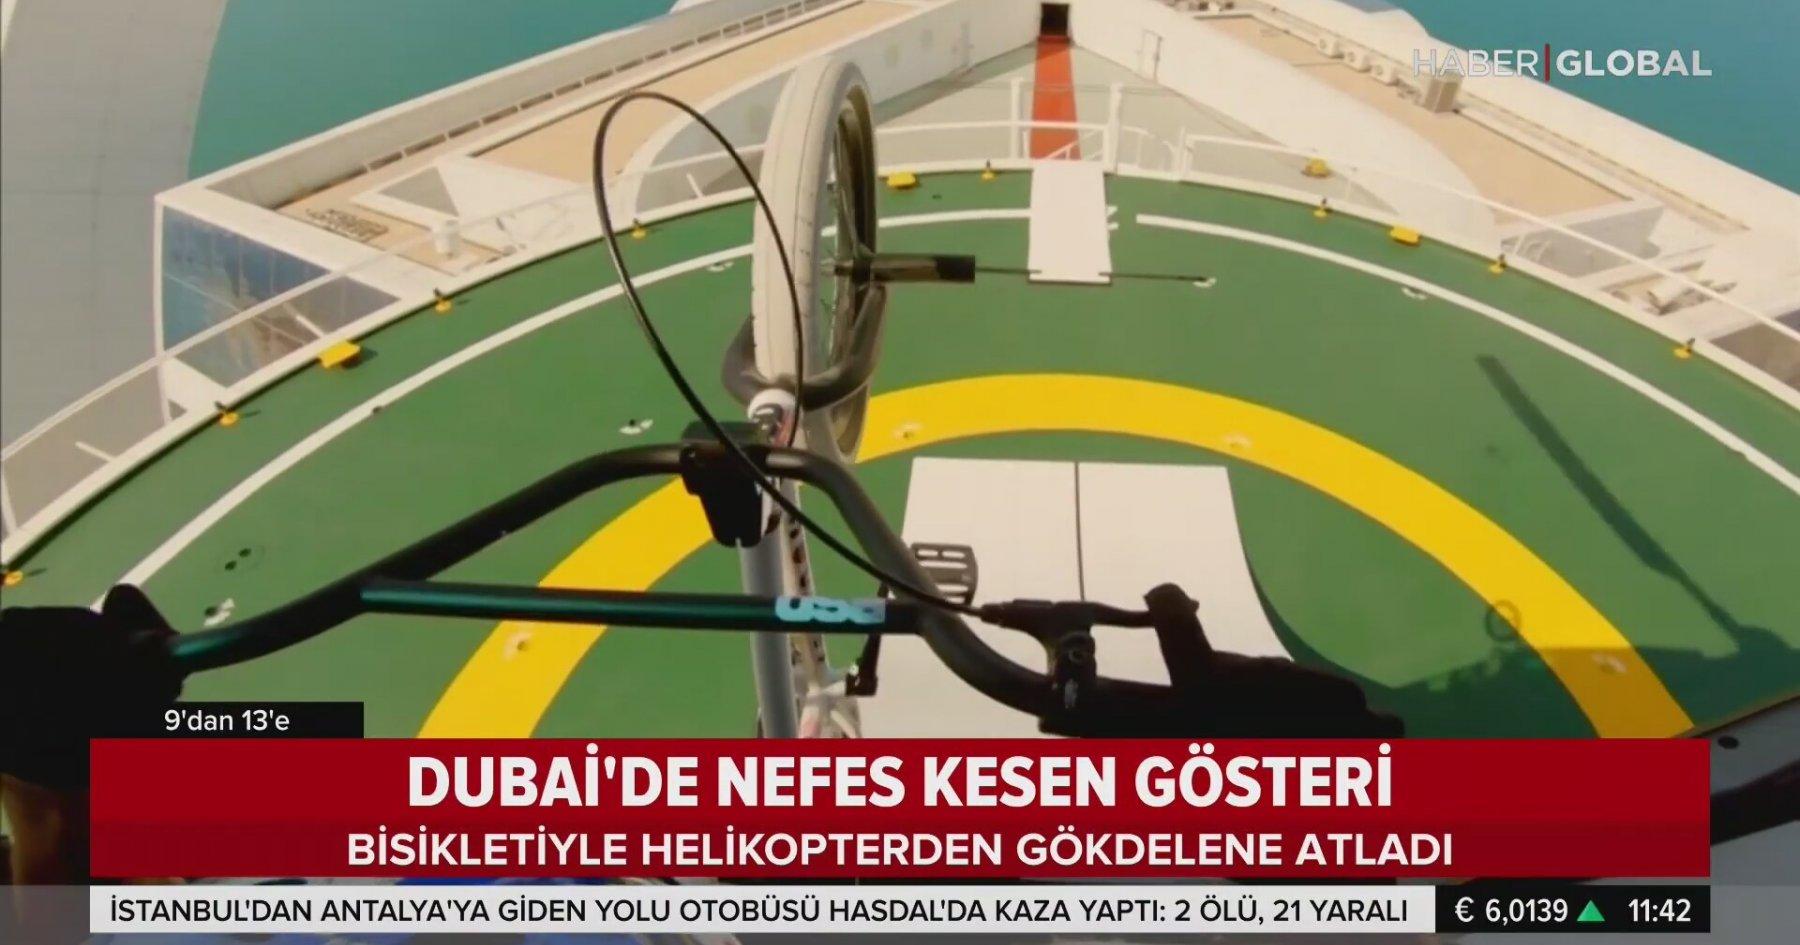 Helikopterden Bisikletle Gökdelene Atlayan Çılgın